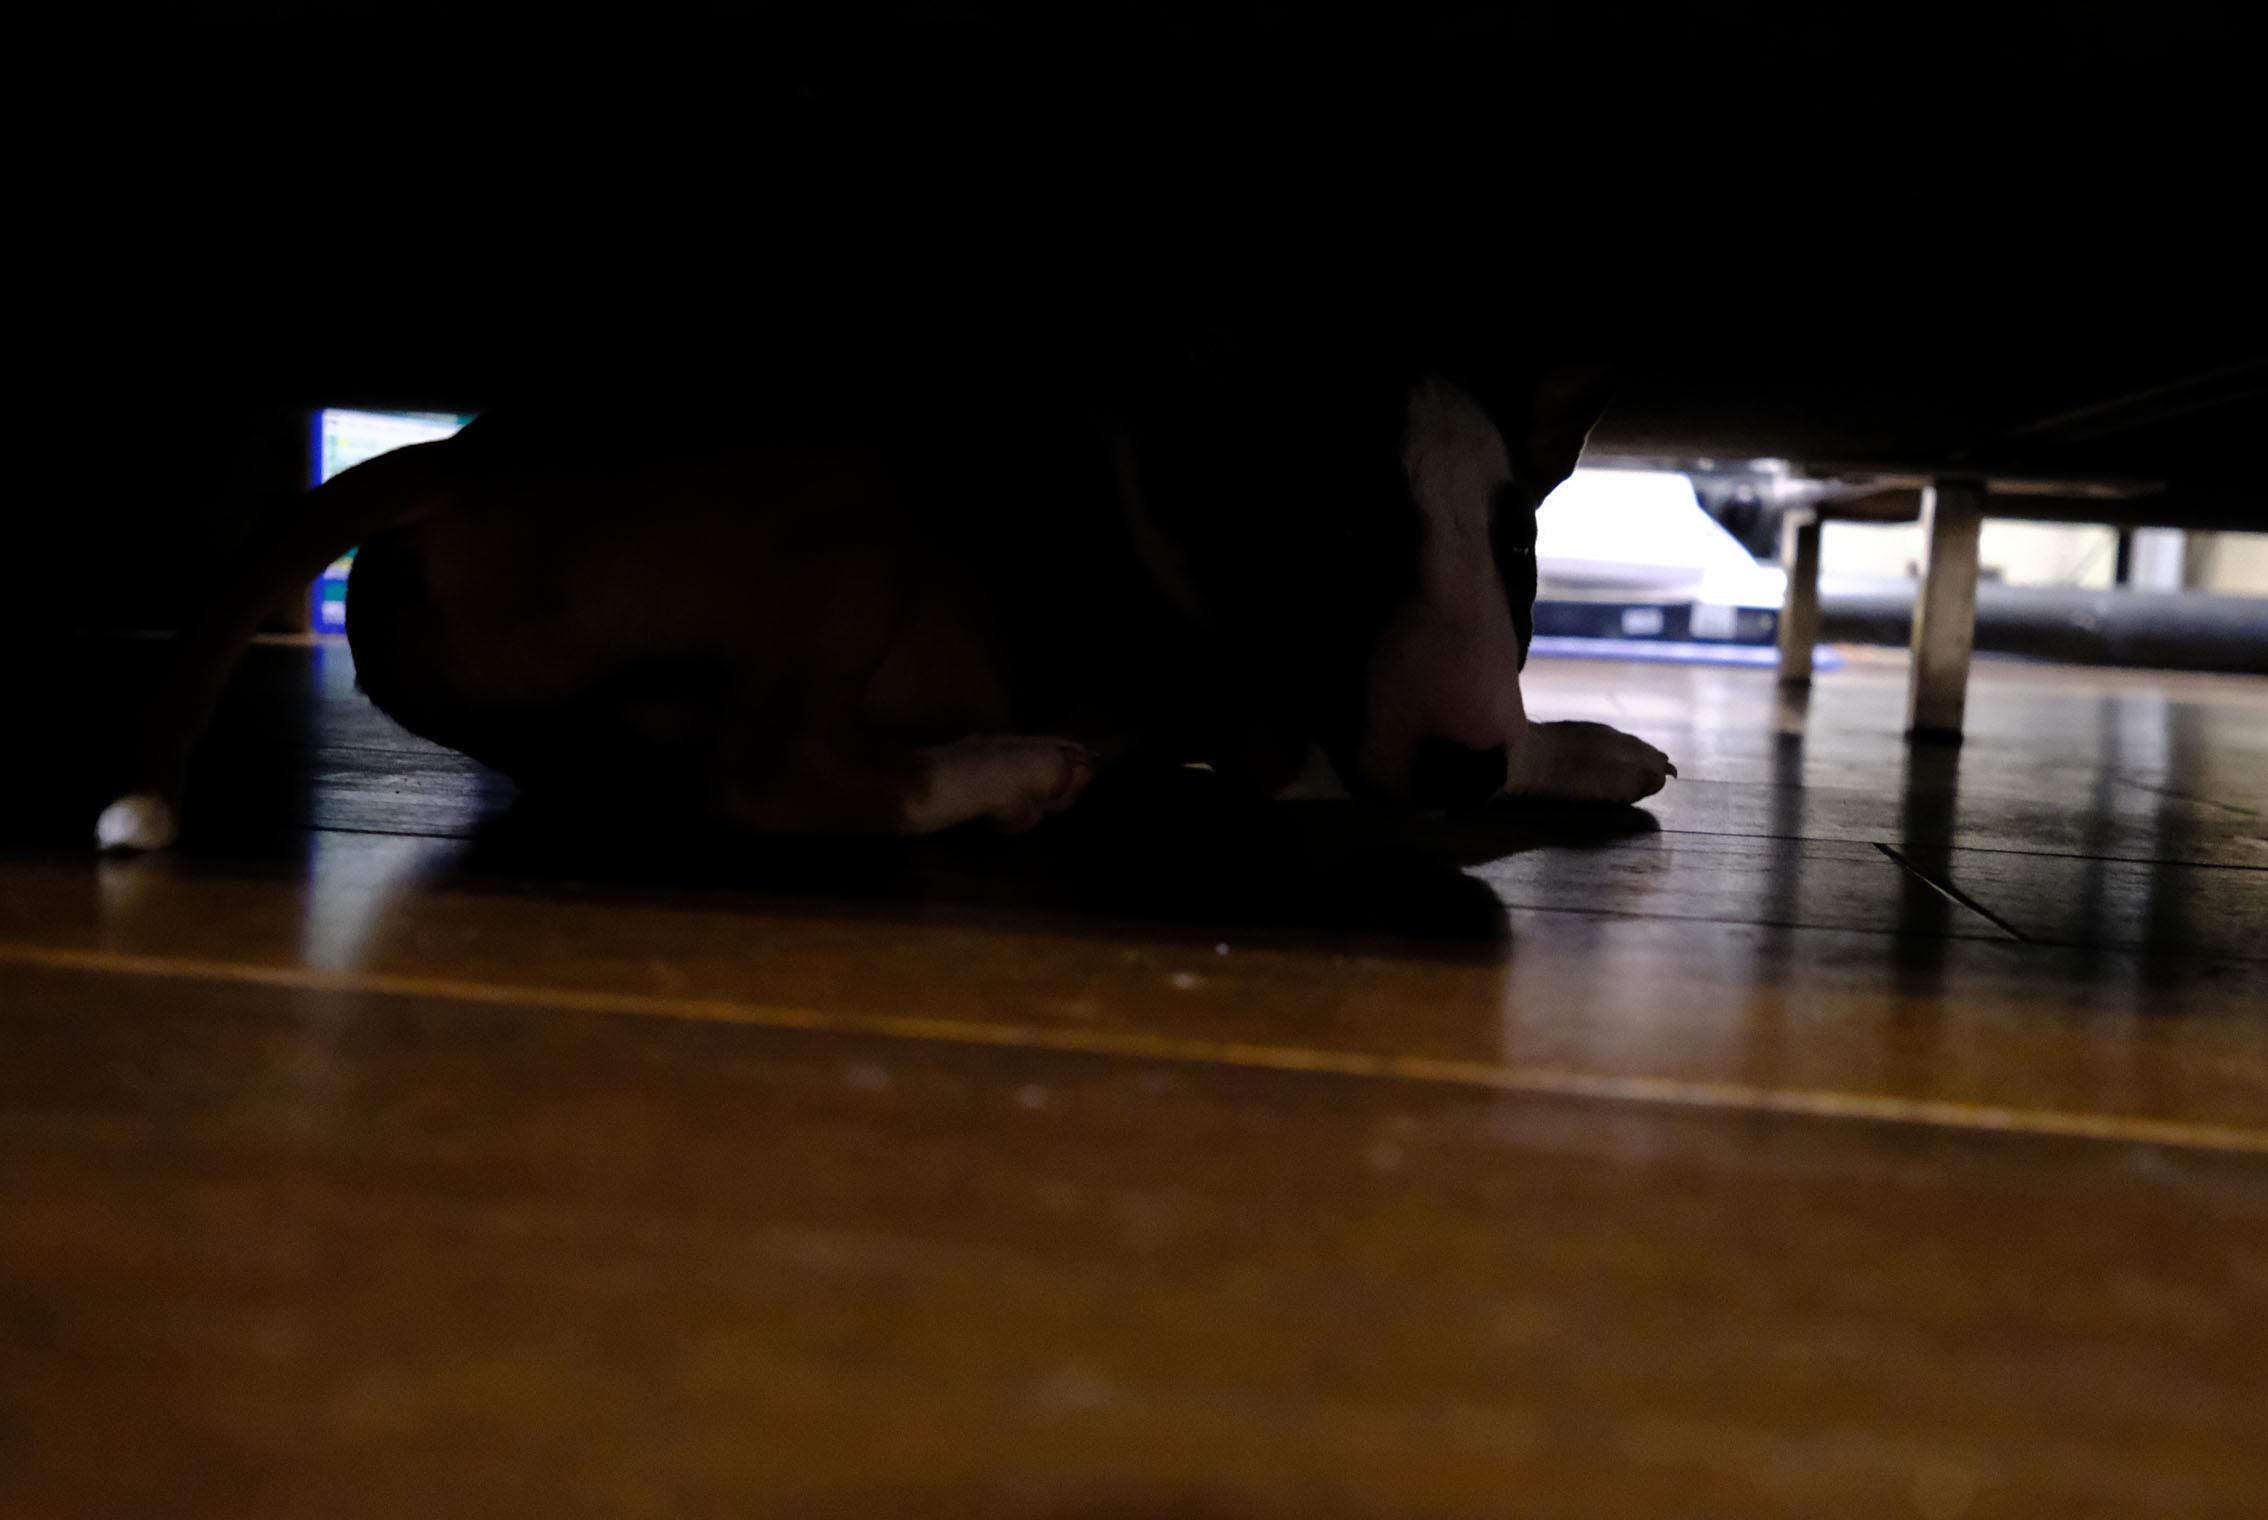 ソファーの下はハイパードライブスペース_b0310424_18321451.jpg